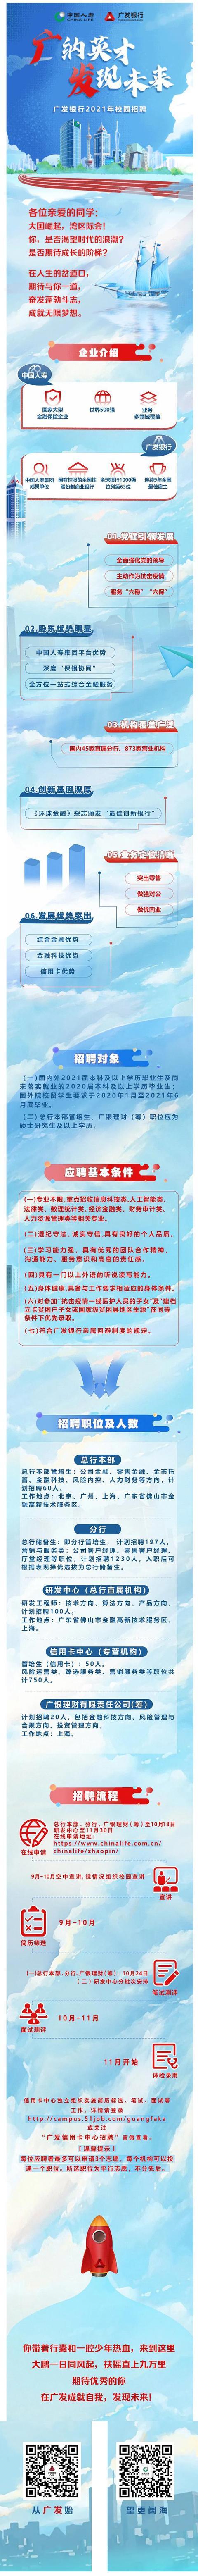 广发银行给应届毕业生的一封信!